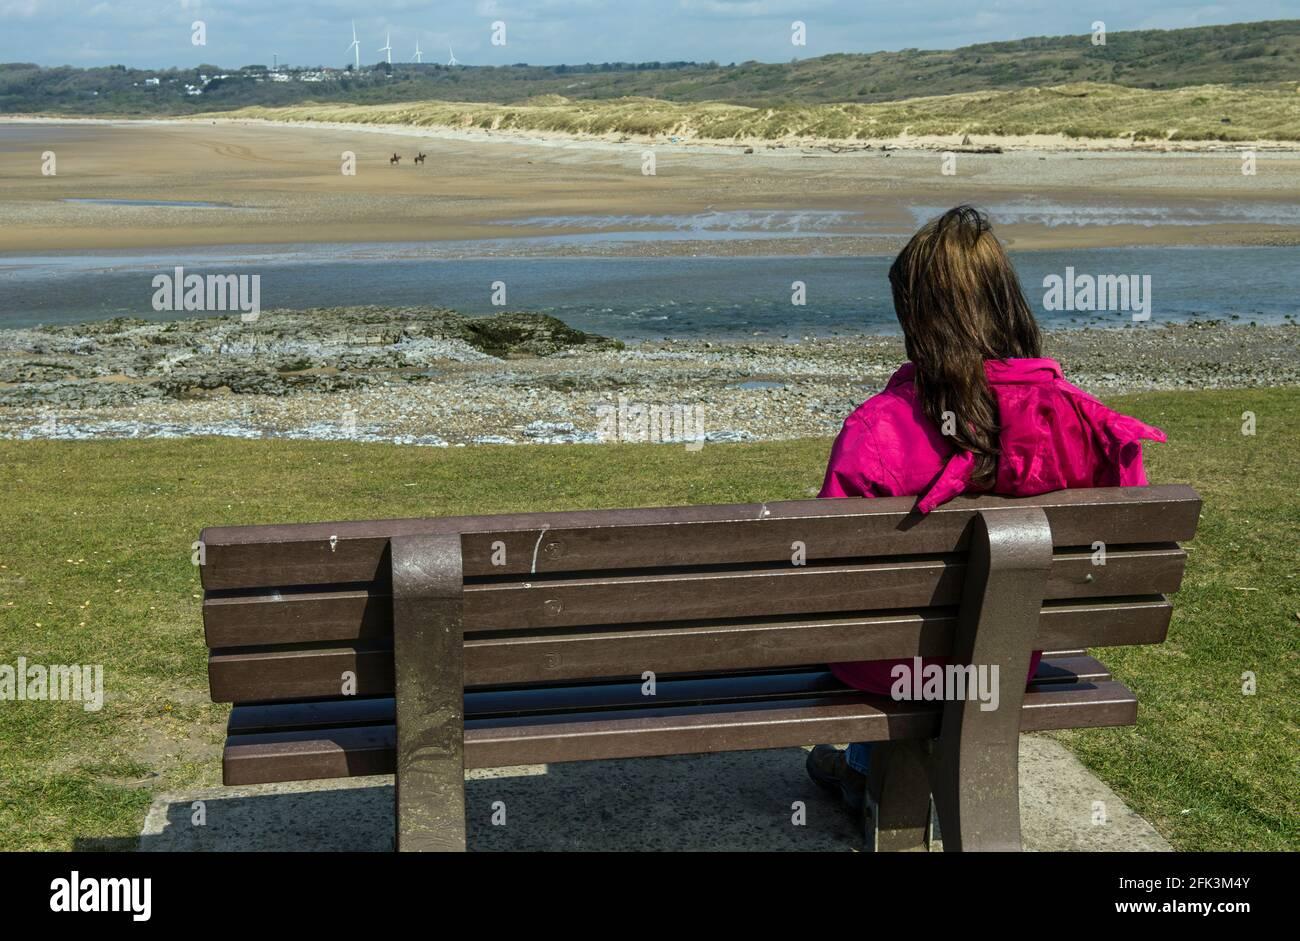 Lady guardando attraverso l'estuario del fiume Ogmore a Ogmore by Sea sulla Glamorgan Heritage Coast, Galles meridionale Foto Stock